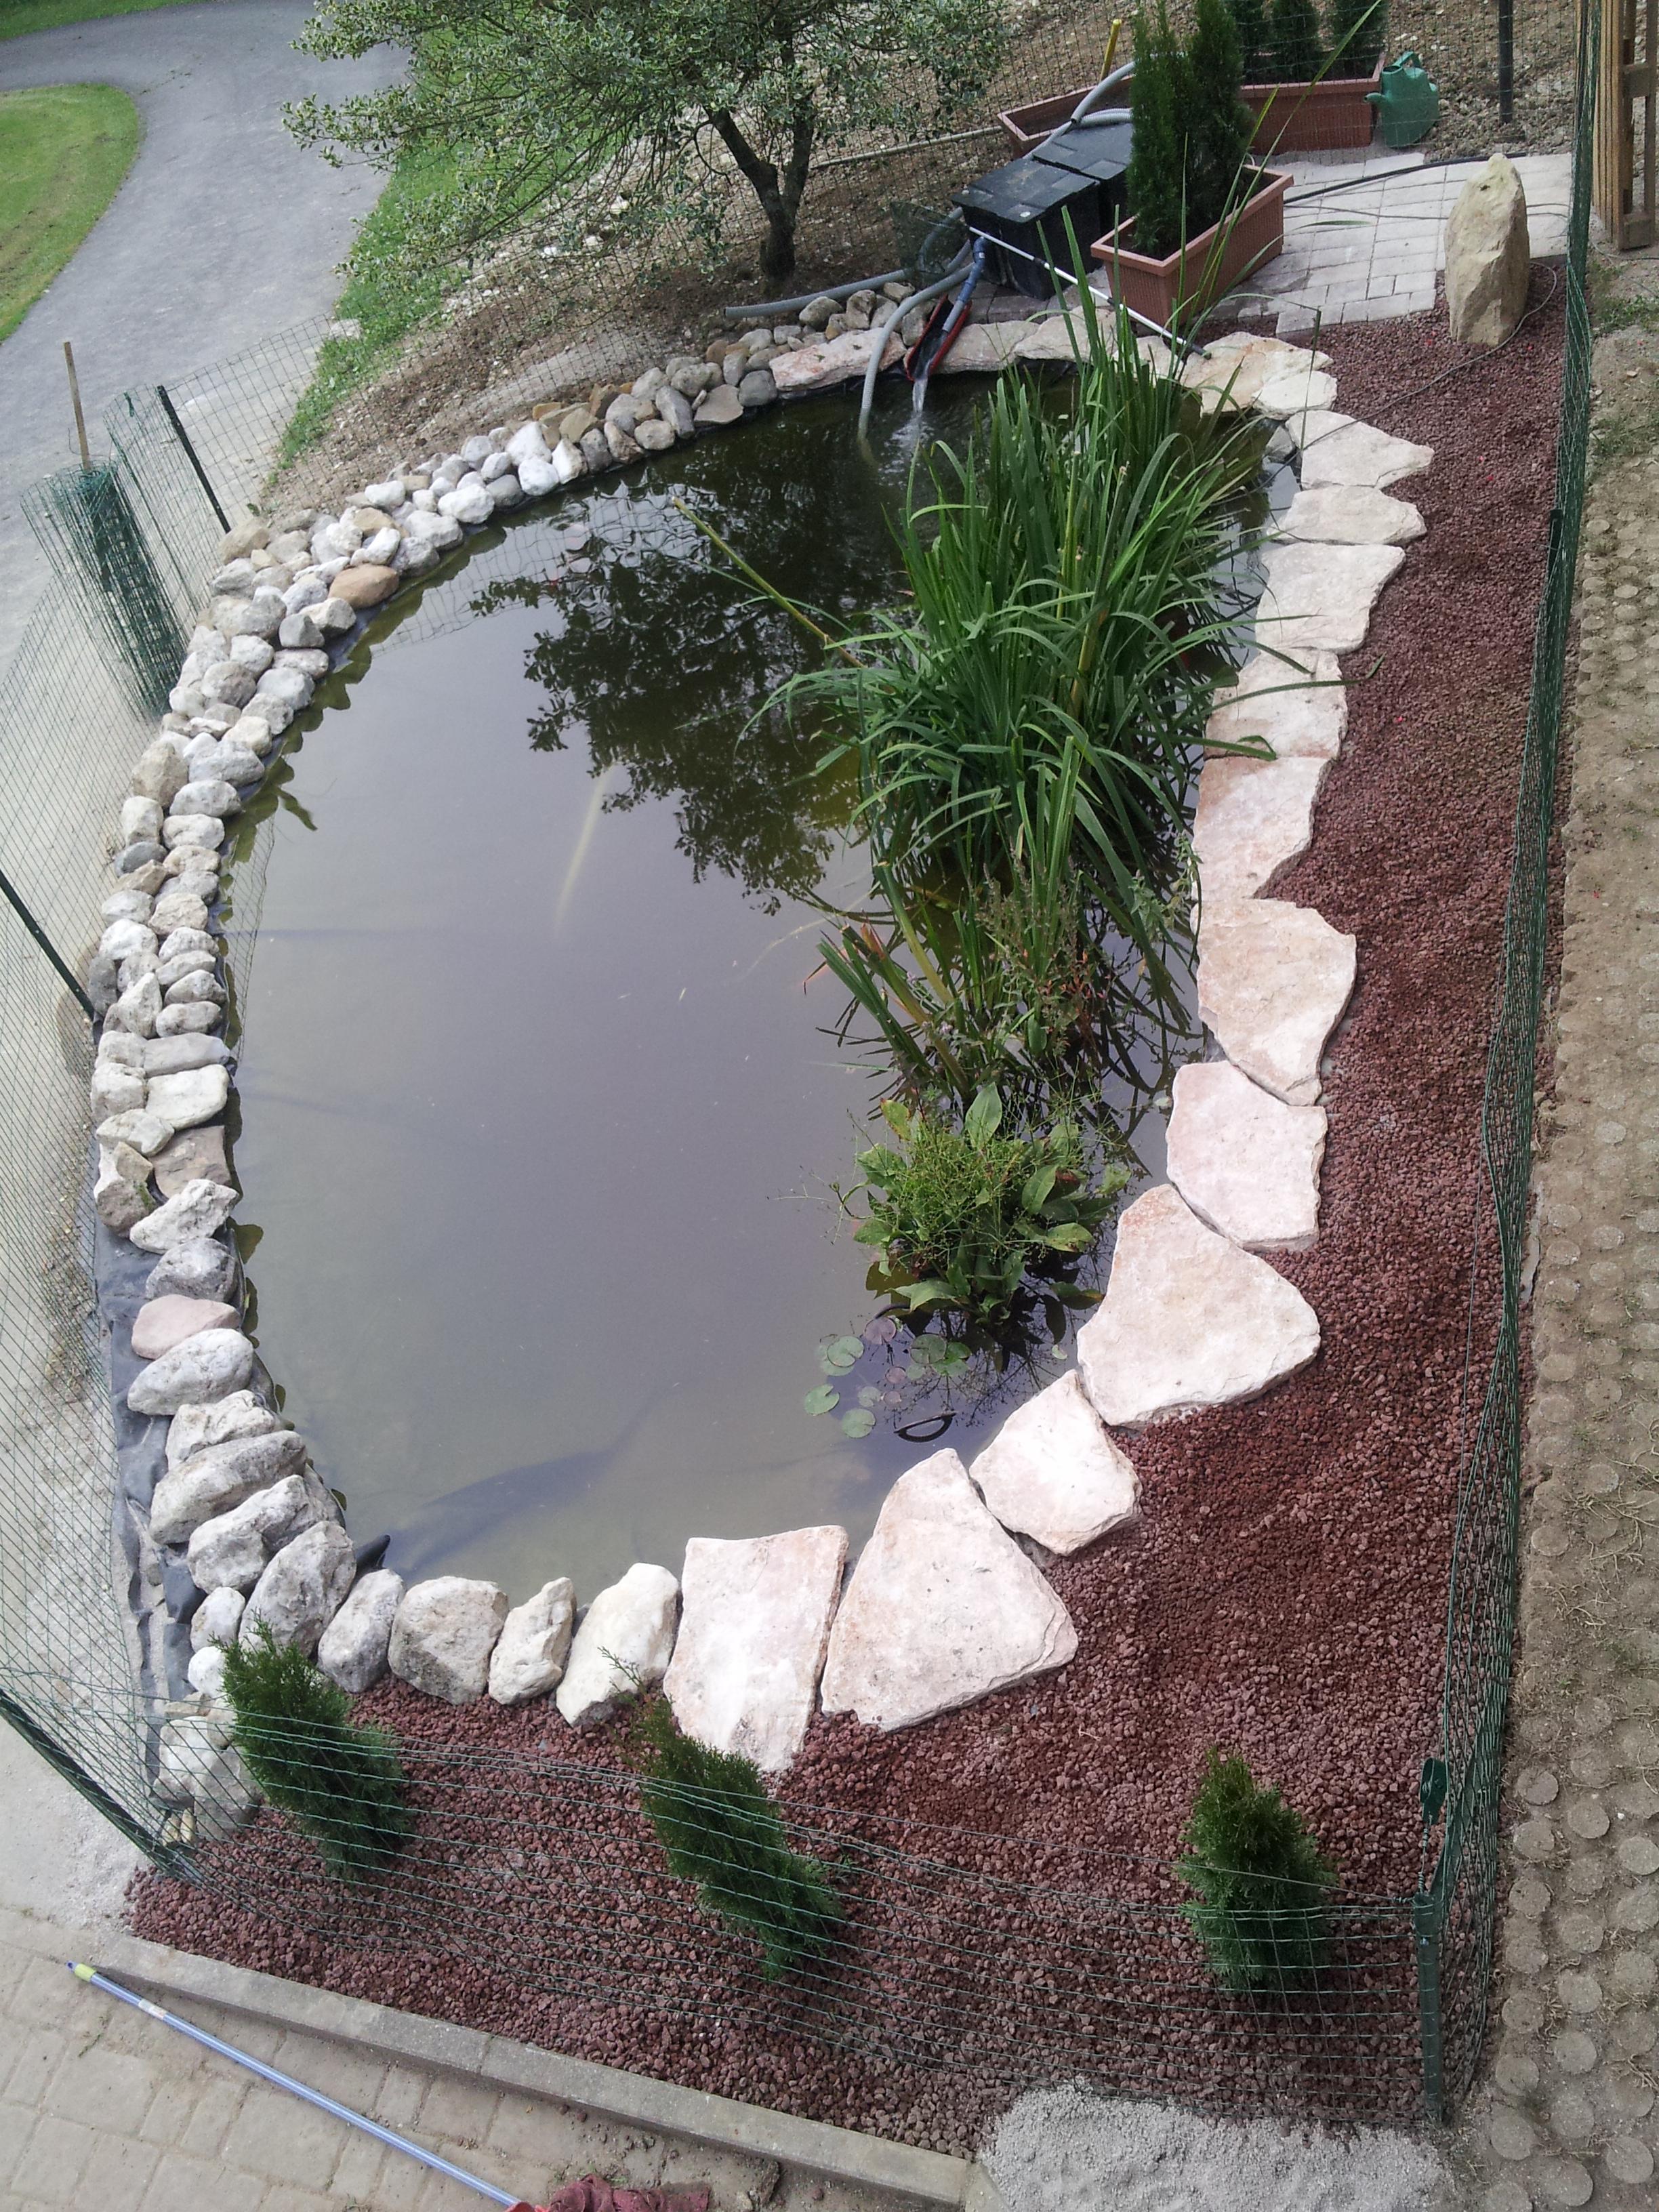 Benza laghetti da giardino cascate e ruscelli artificiali for Vasca per anatre